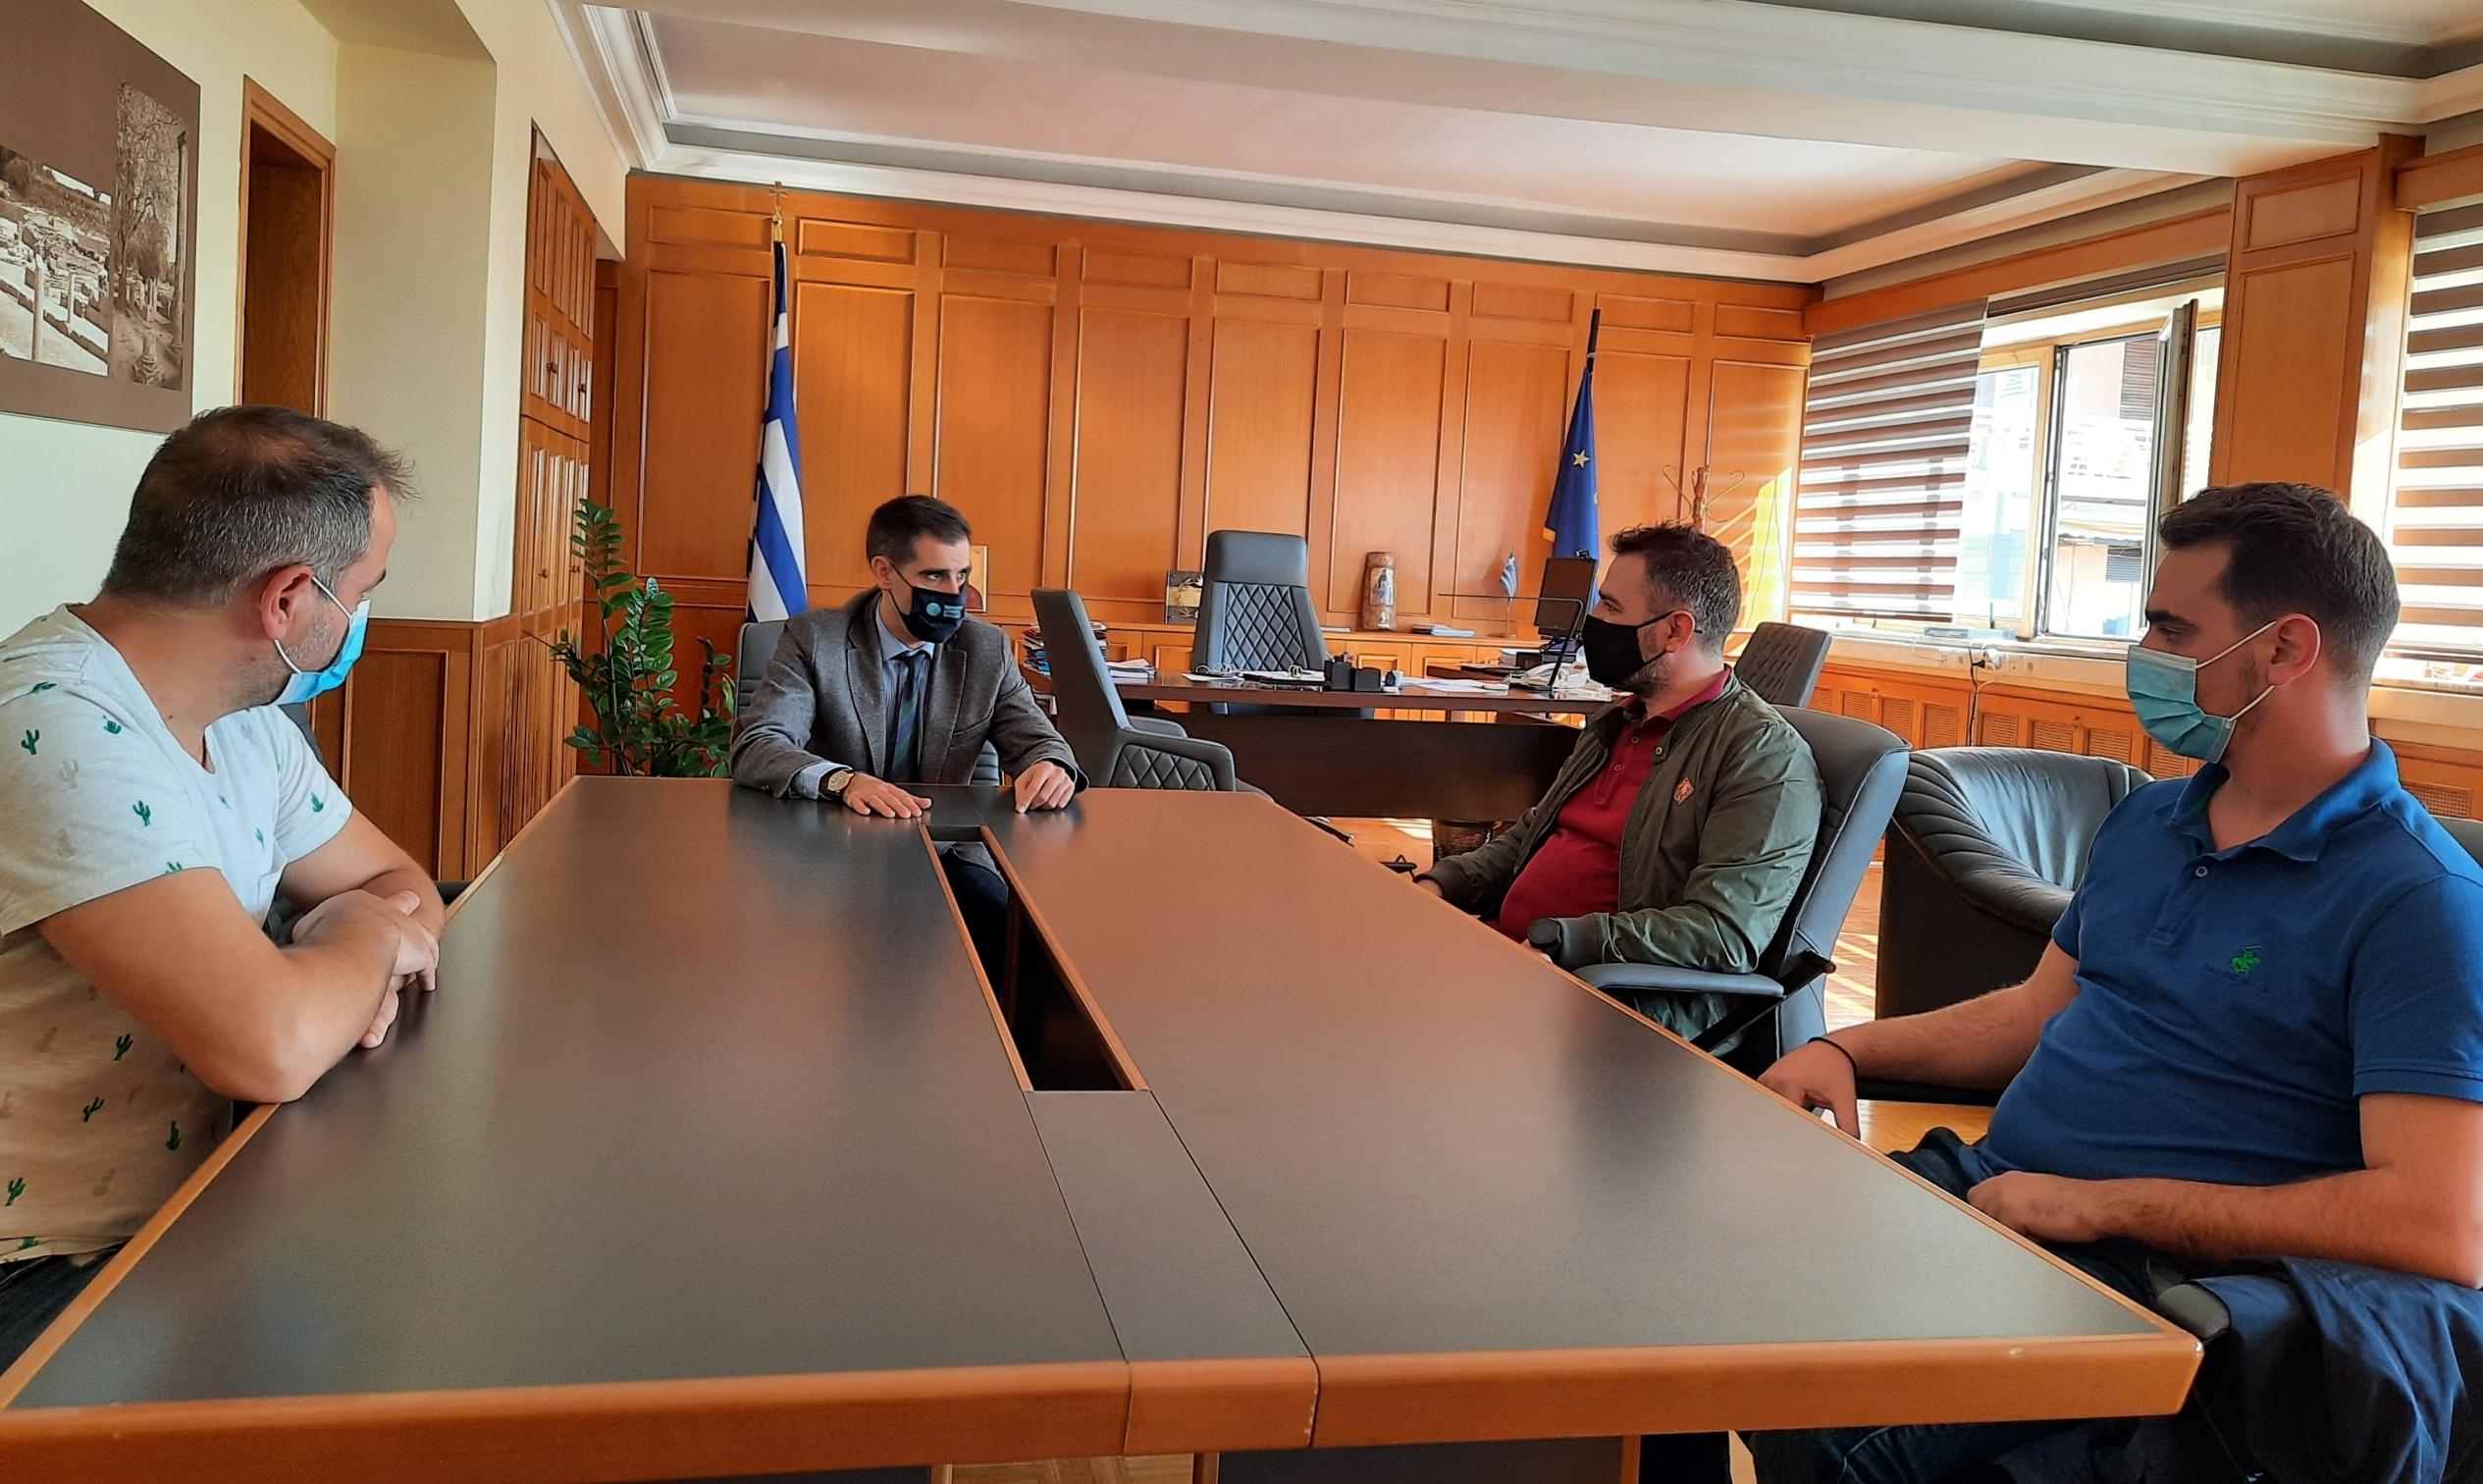 ΠΕ Ηλείας- Β. Γιαννόπουλος: Προσφορά υγειονομικού υλικού στην Μονάδα ΟΚΑΝΑ Πύργου